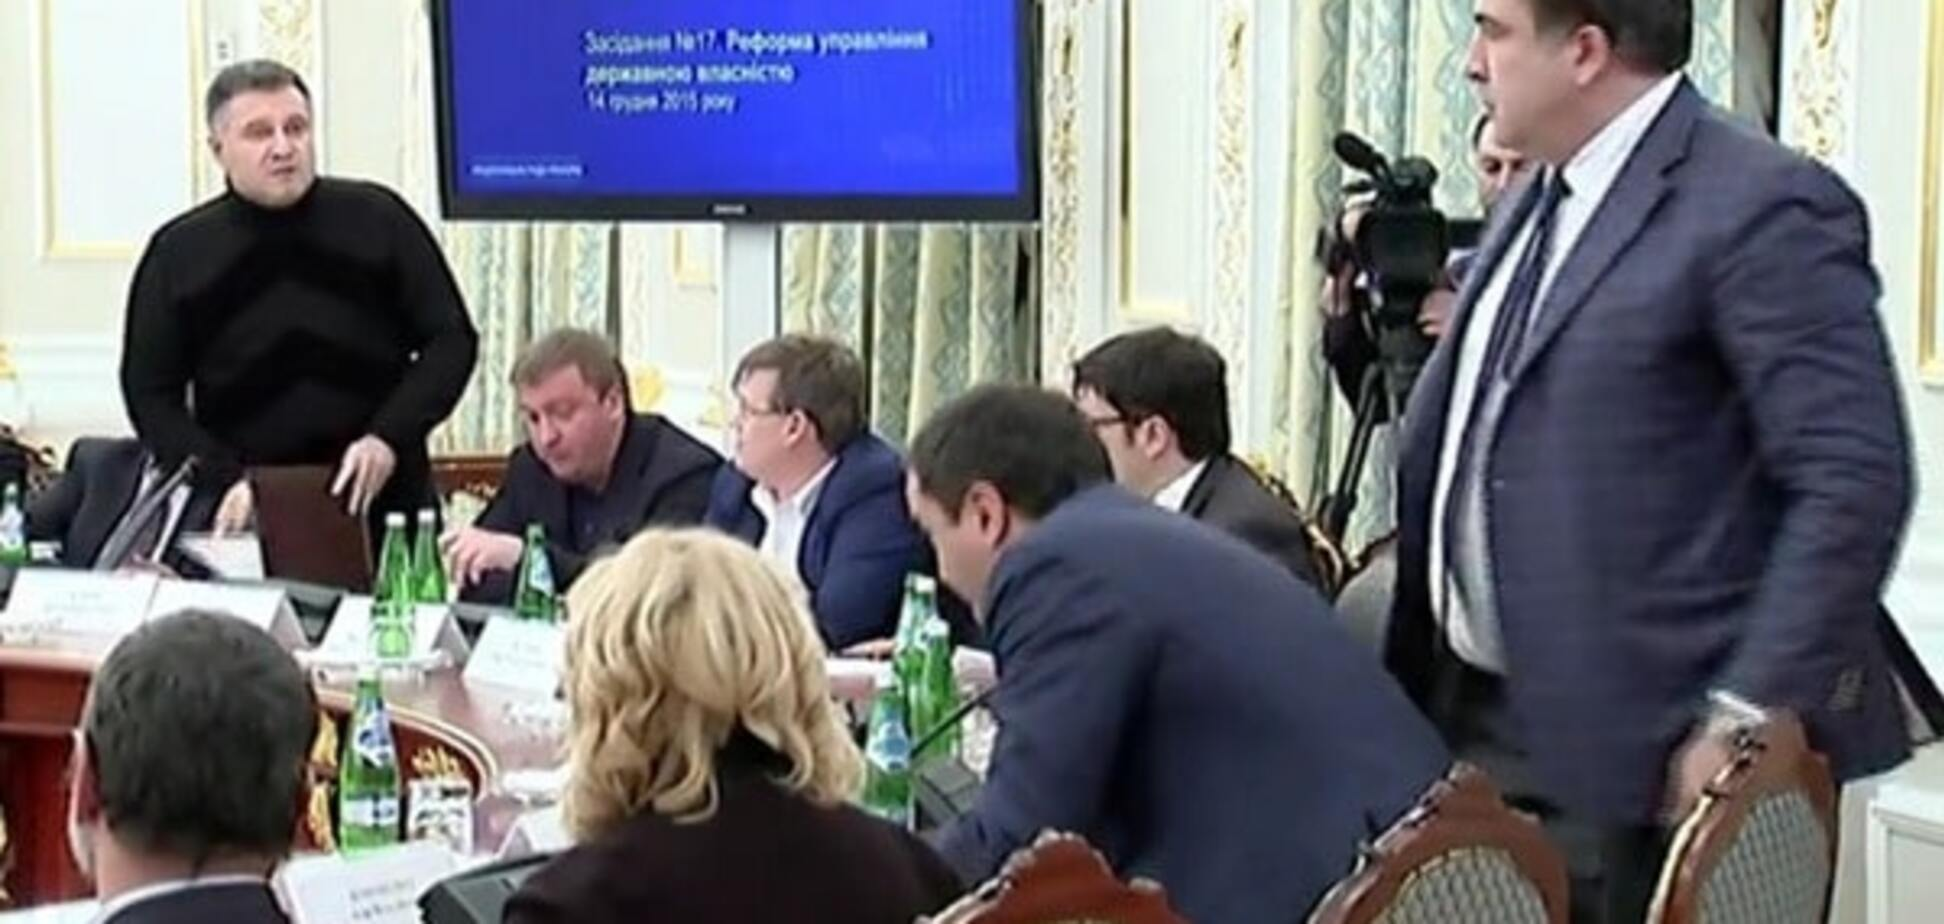 Аваков рассказал о 'дружеском разговоре' с Саакашвили